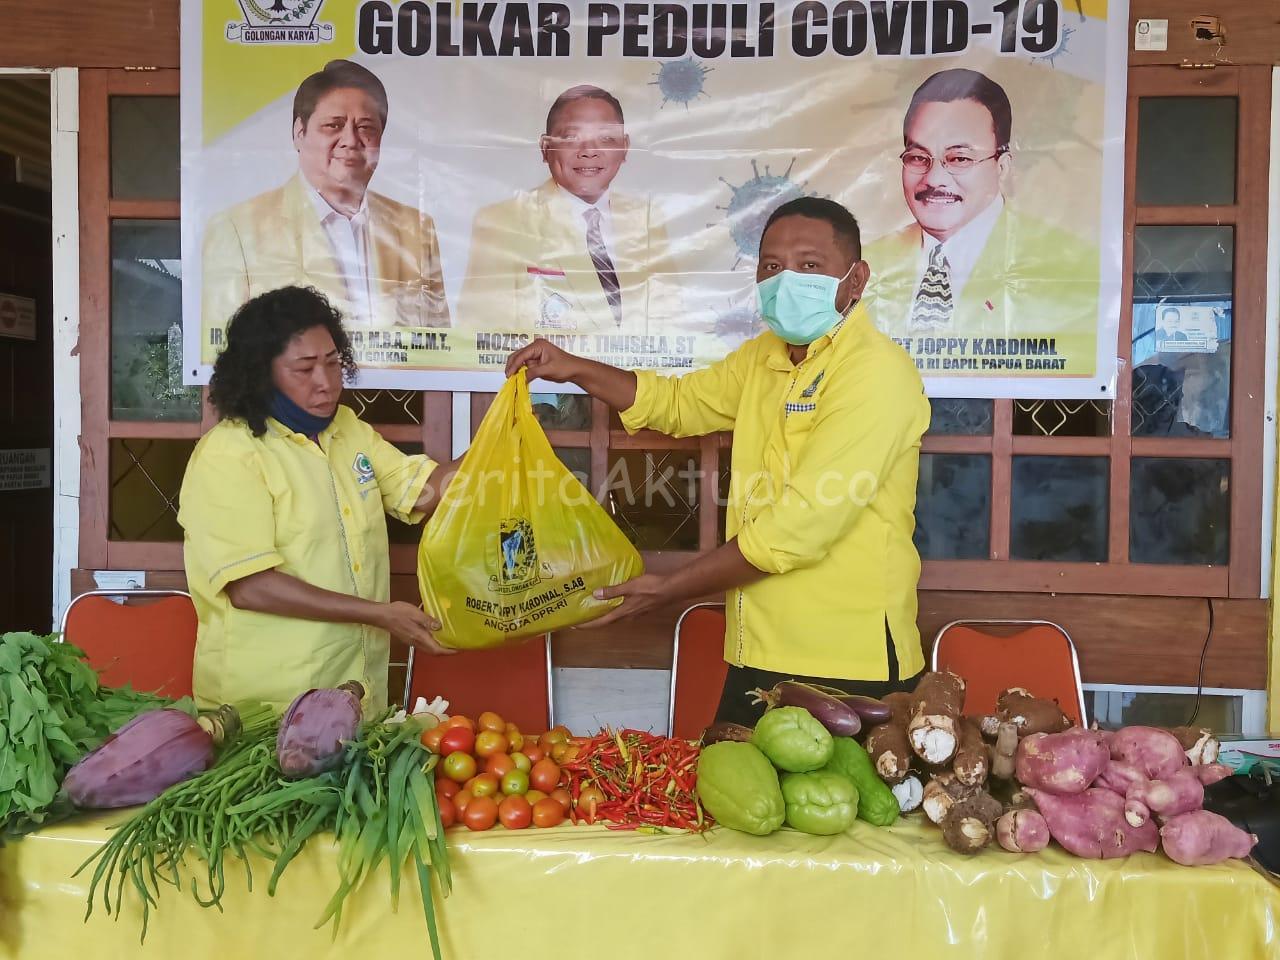 DPD Partai Golkar Papua Barat Bagi 1.000 Paket Pangan Lokal Untuk Masyarakat Manokwari 5 IMG 20200515 WA0035